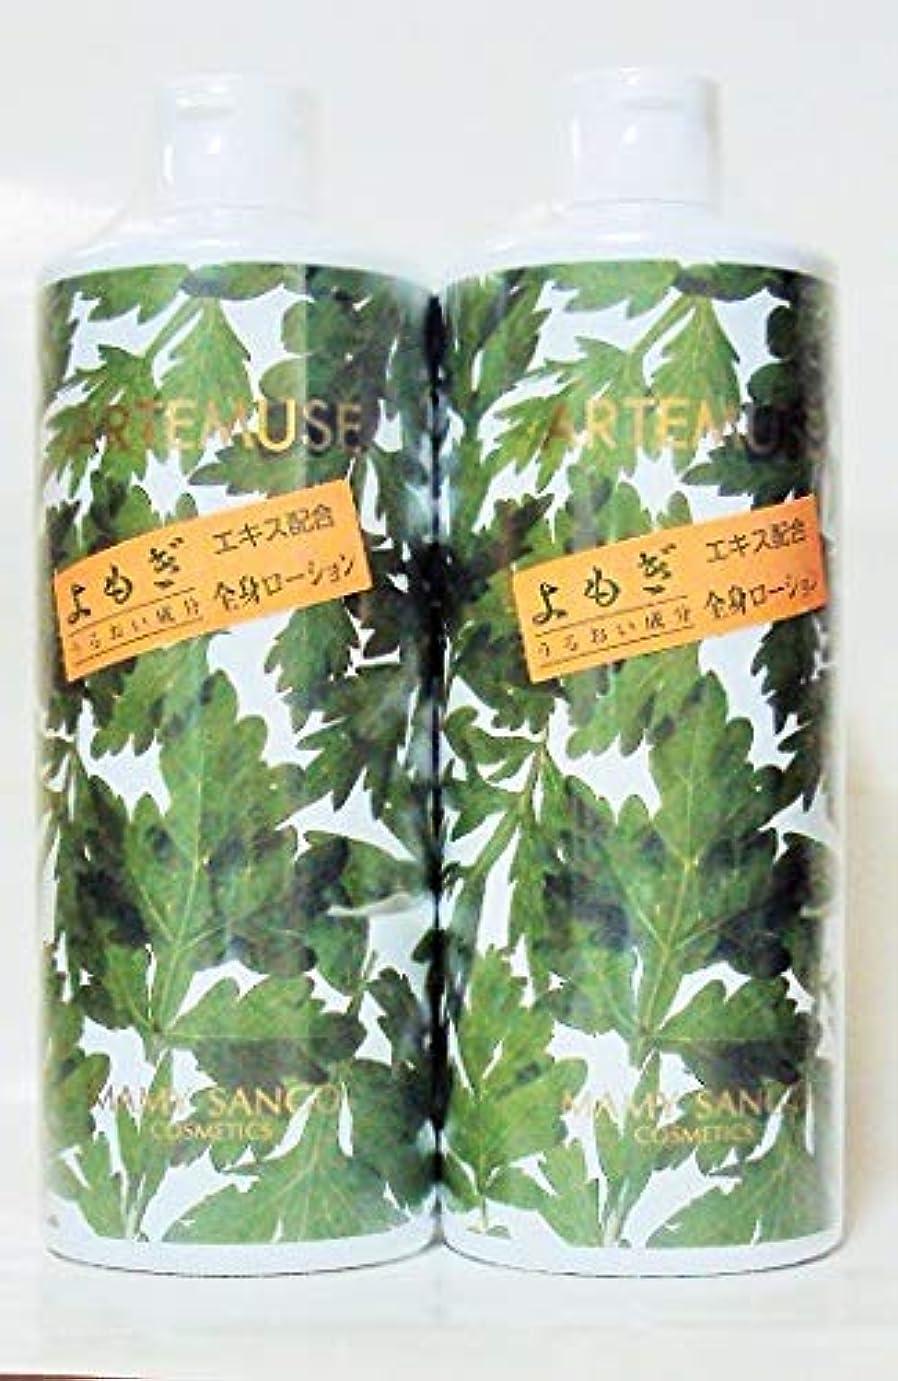 マミーサンゴ薬用ローショーン500ml(2本セット価額)